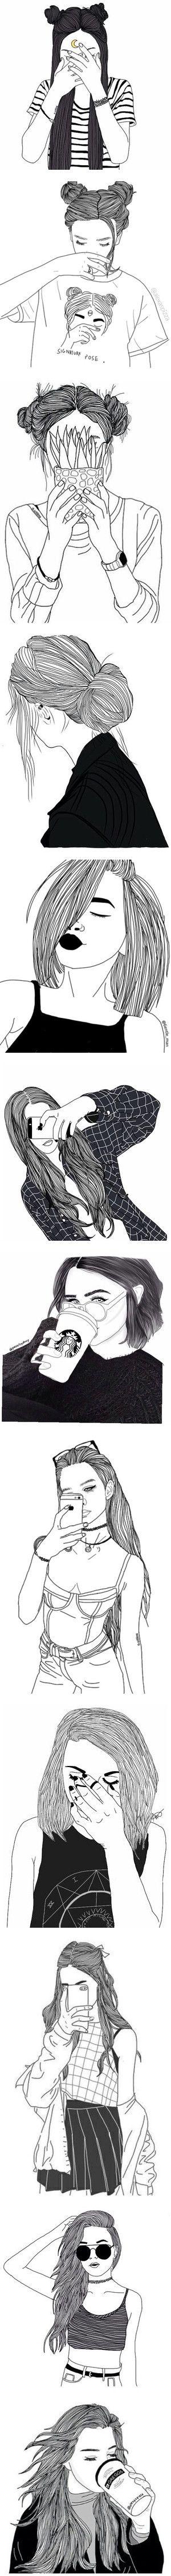 Tapate la cara dibujos pinterest drawings